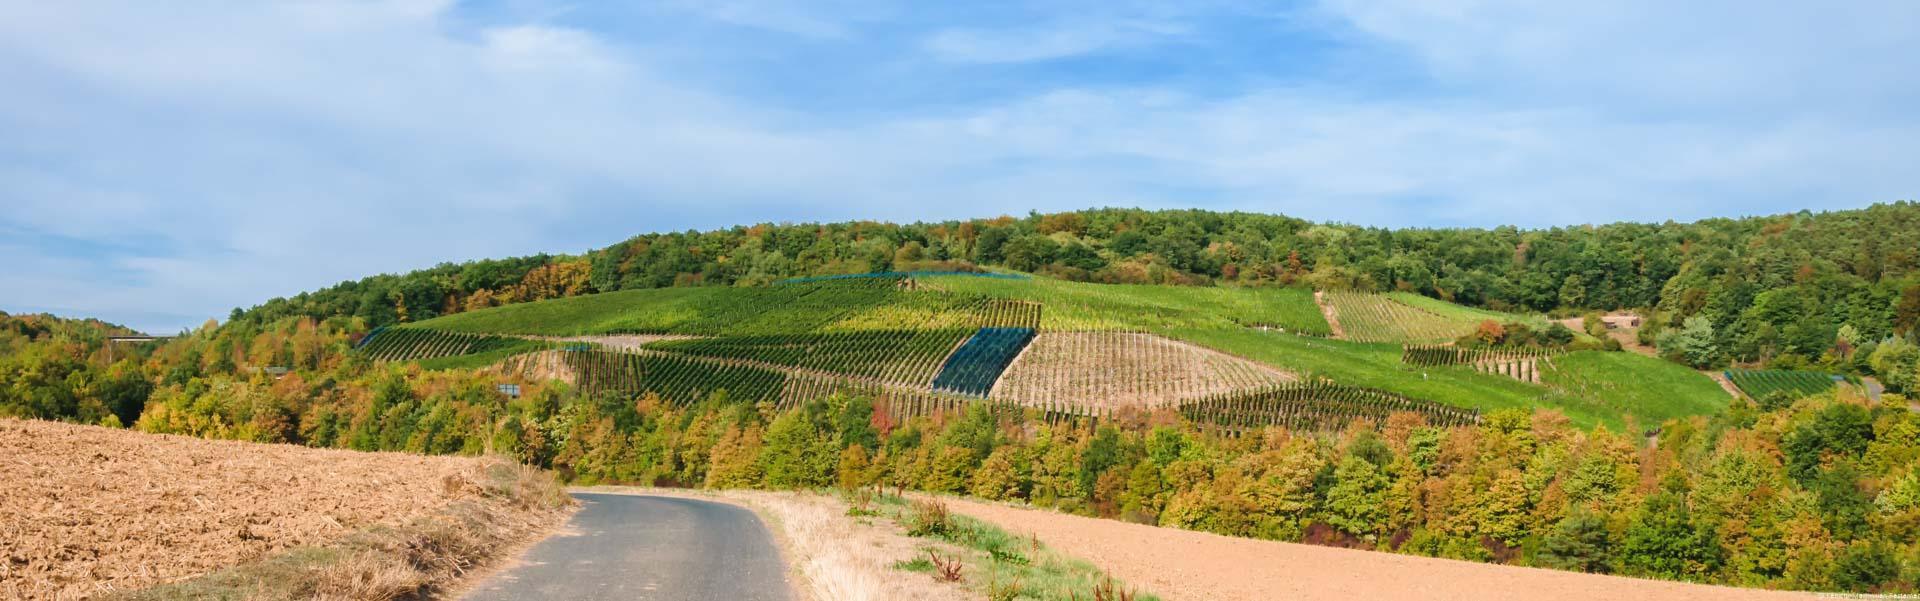 Dieser Weinberg bei Bad Neuenahr liegt am Rande des Weinanbaugebietes